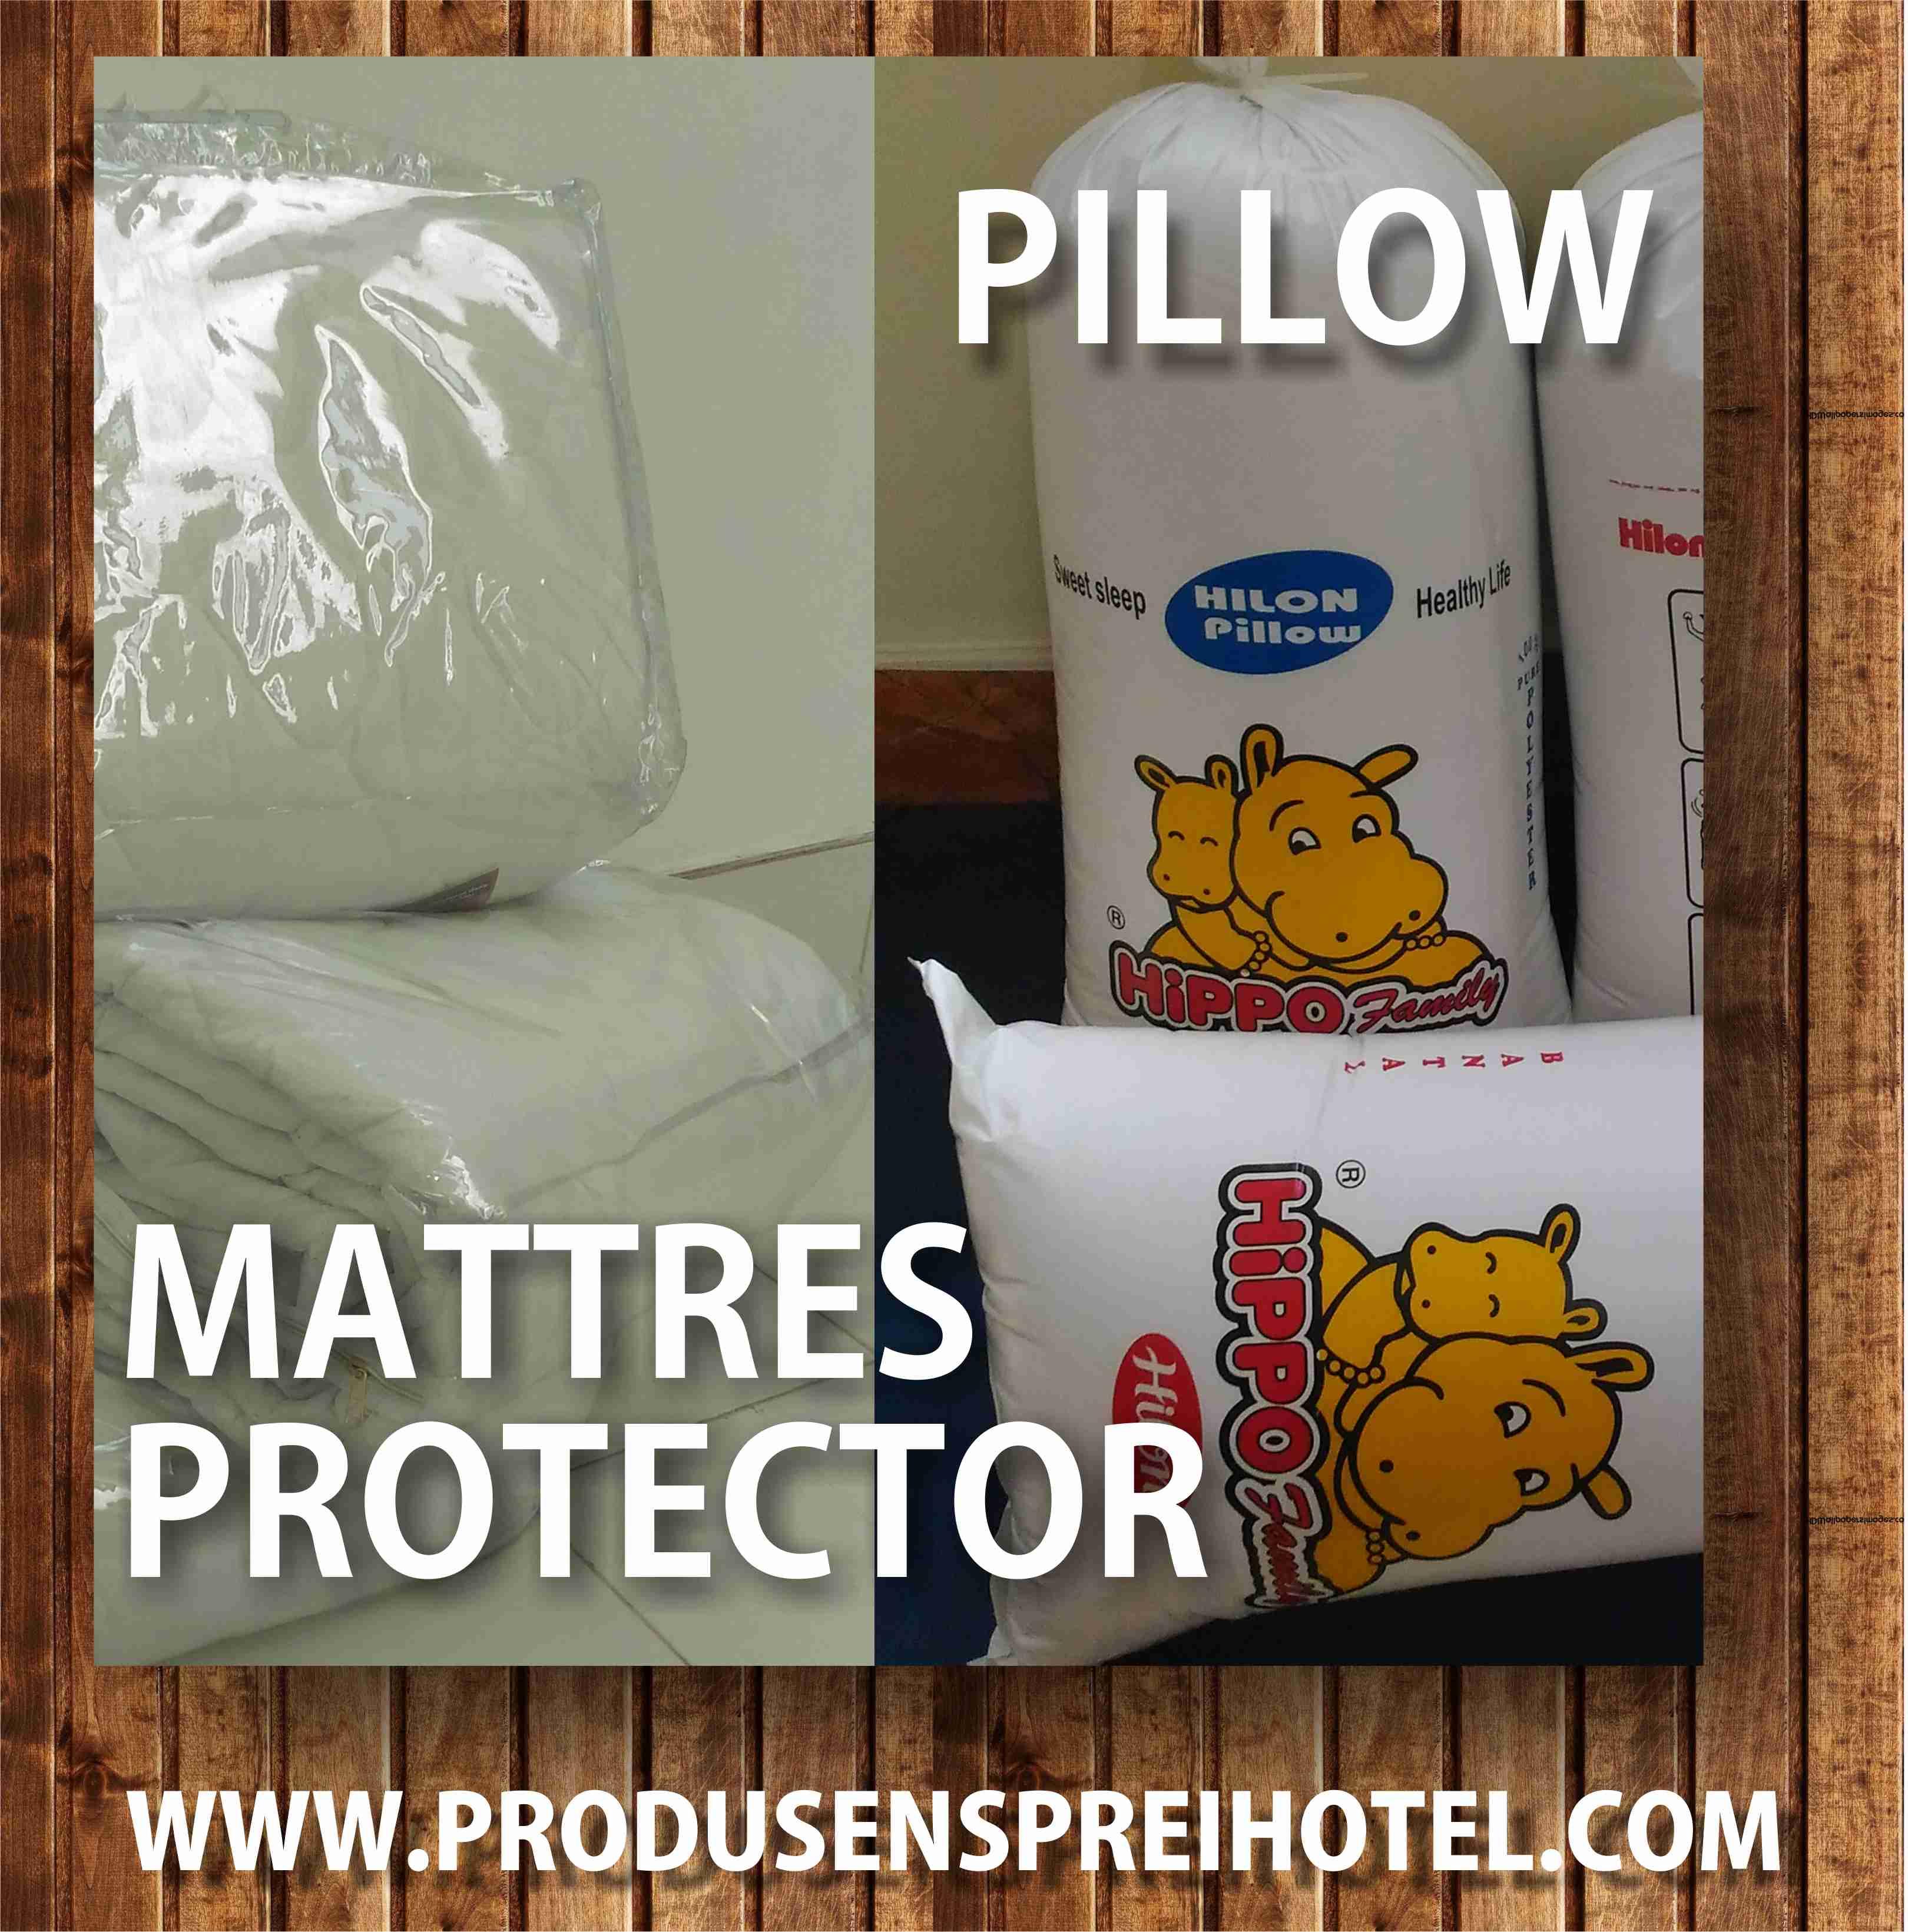 MATRESS PROTECTOR 1